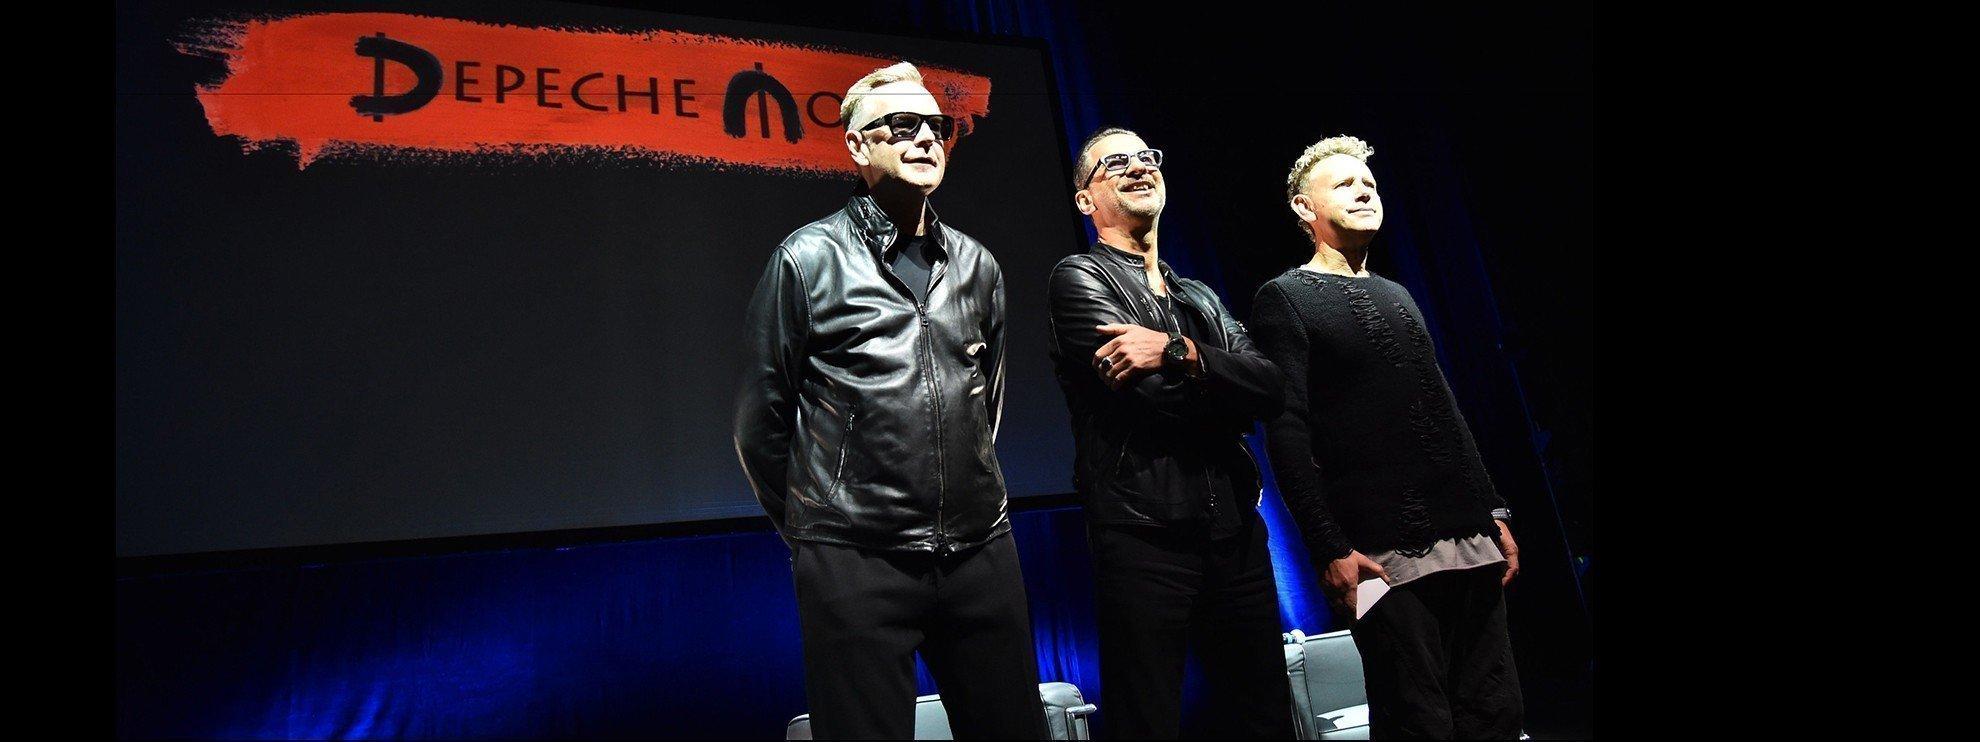 исполнитель Depeche Mode (Депеш Мод)